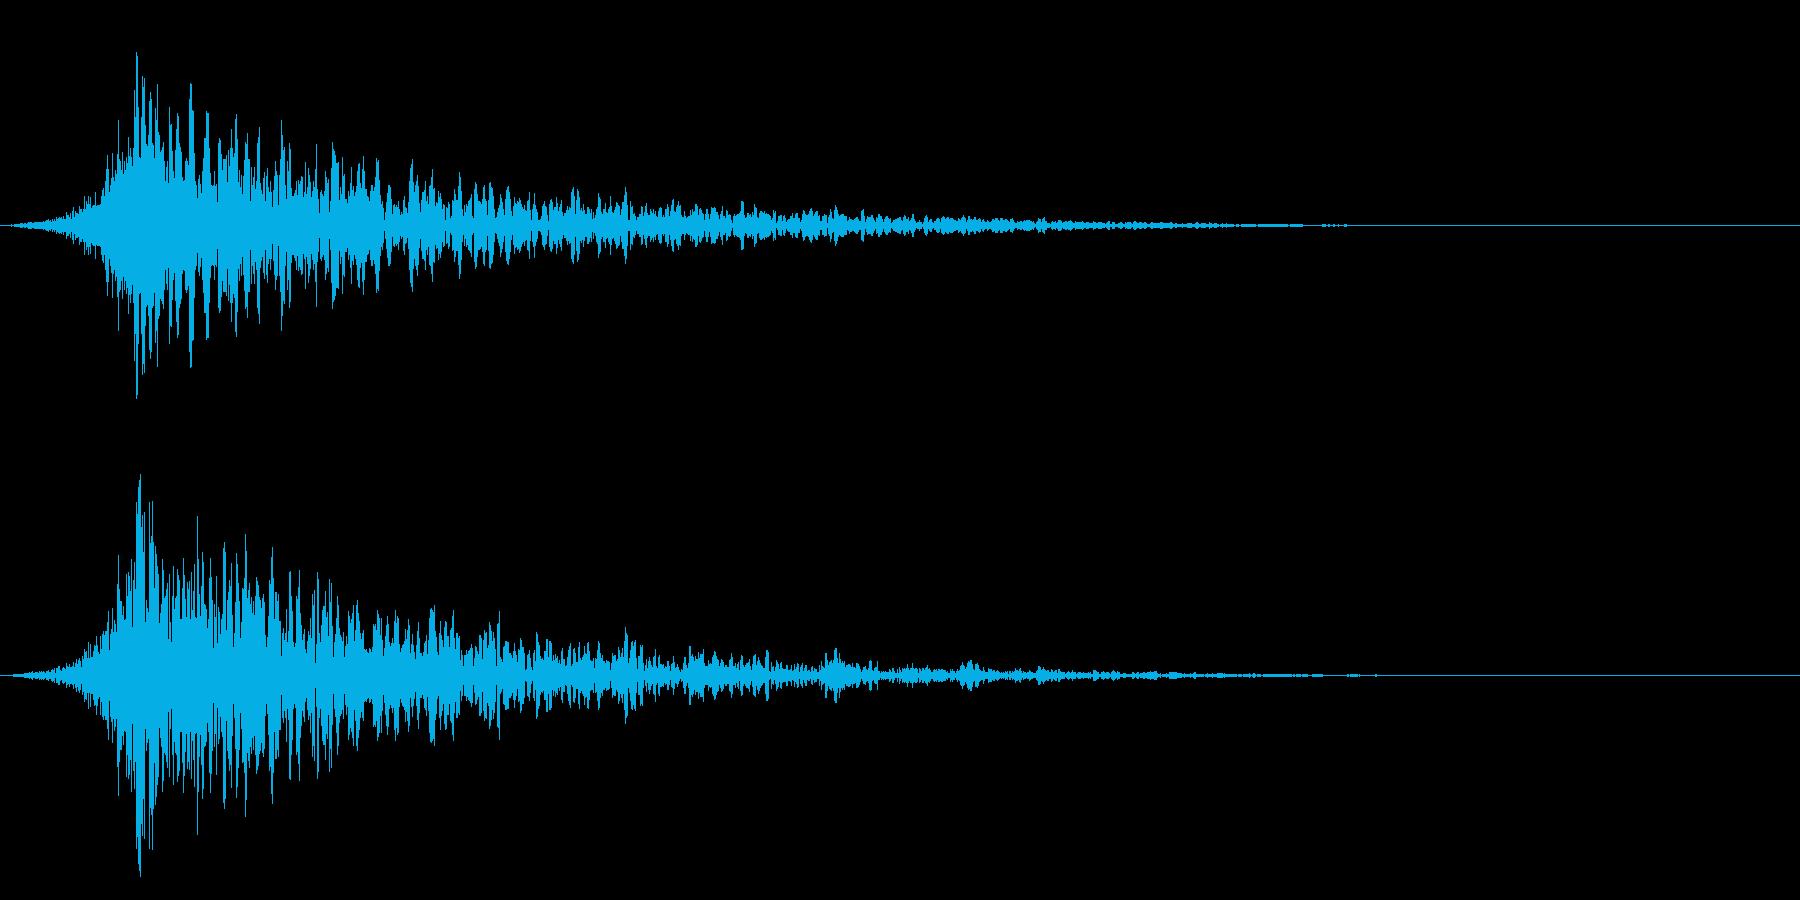 シュードーン-27-1(インパクト音)の再生済みの波形